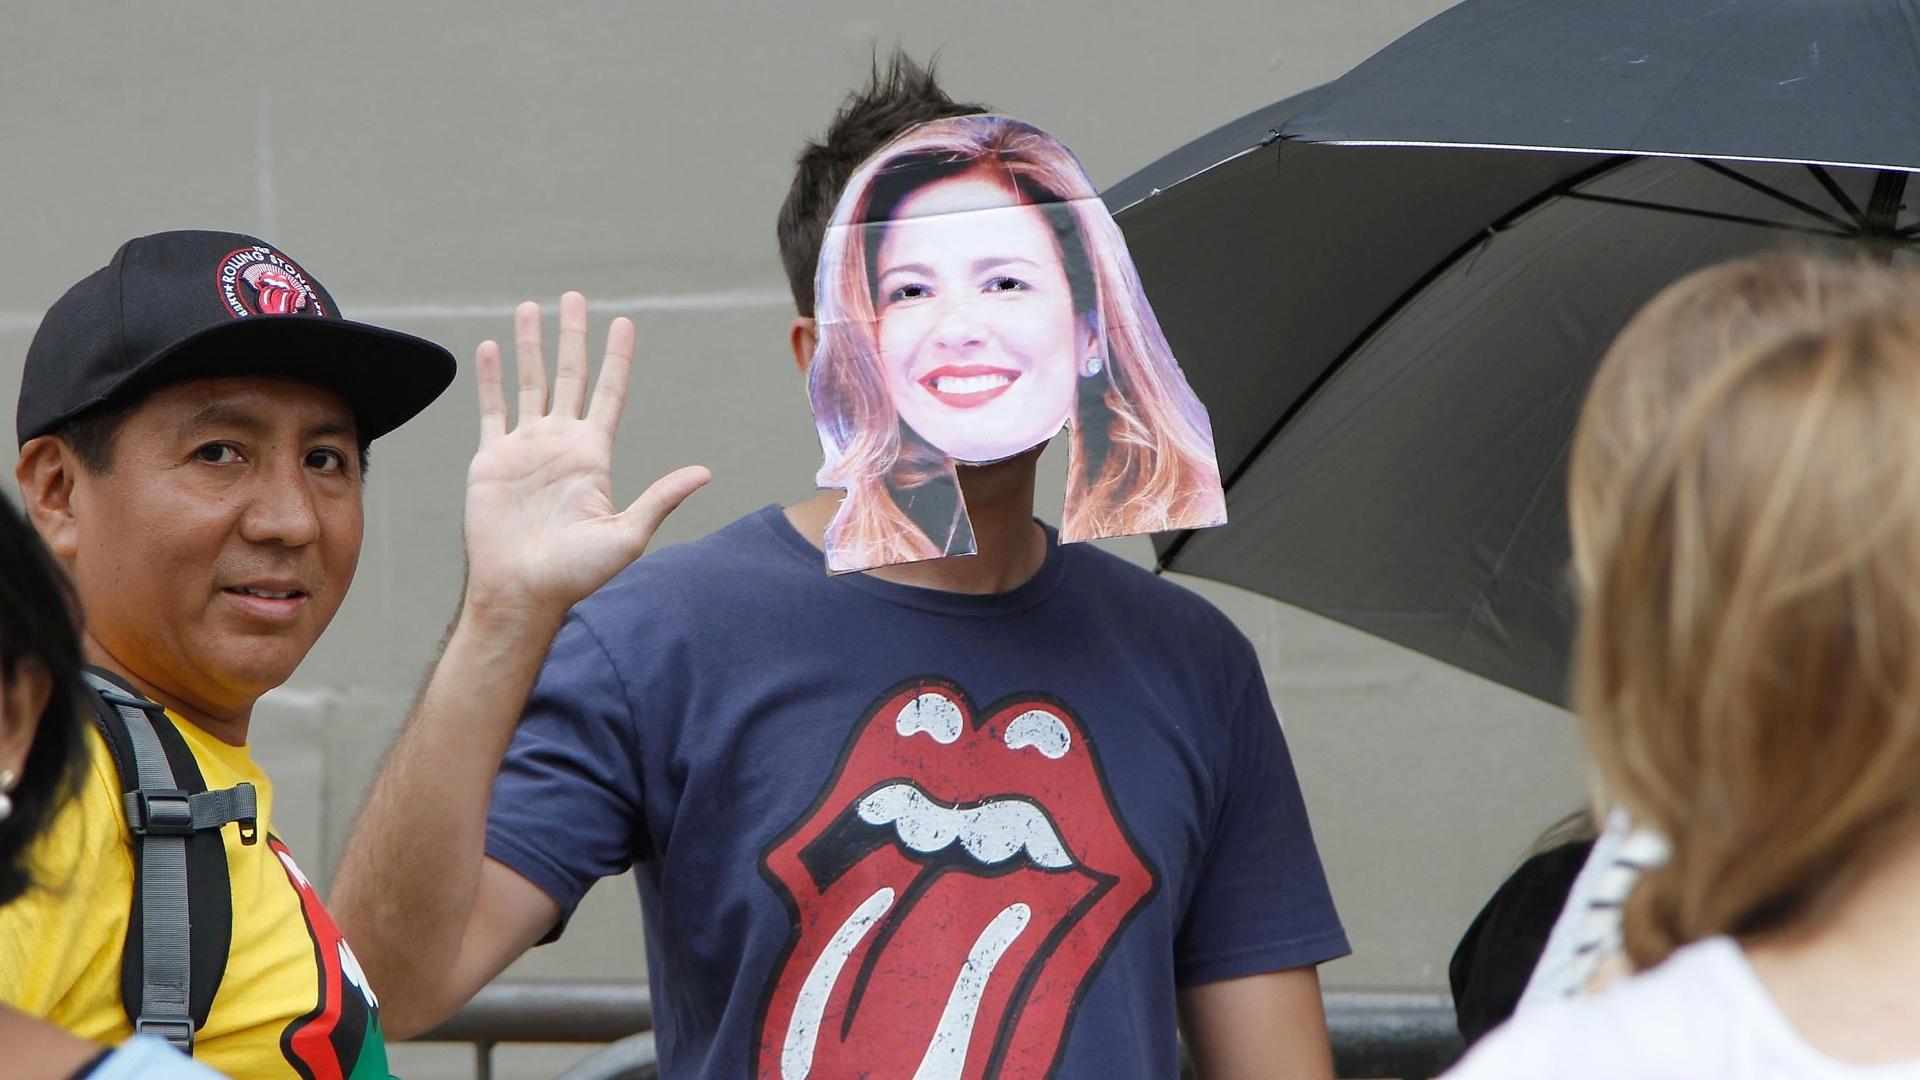 27.fev.2016 - Fã com máscara de Luciana Gimenez, mãe do filho de Mick Jagger, aguarda a abertura dos portões do estádio do Morumbi para o segundo dia de show dos Rolling Stones